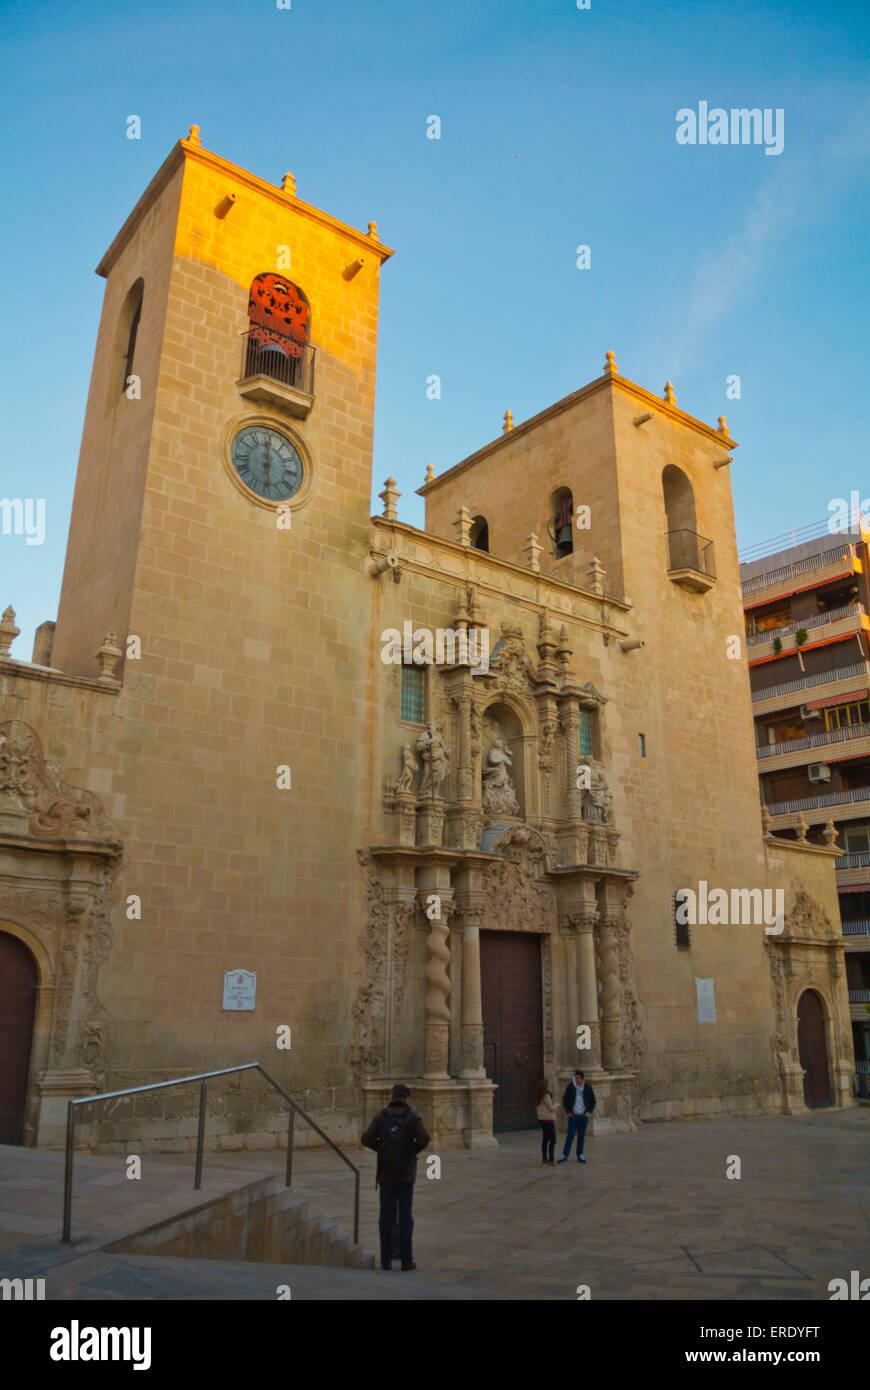 Basilica Santa Maria, Casco Antiguo, old town, Alicante, Alacant, Costa Blanca, Spain - Stock Image